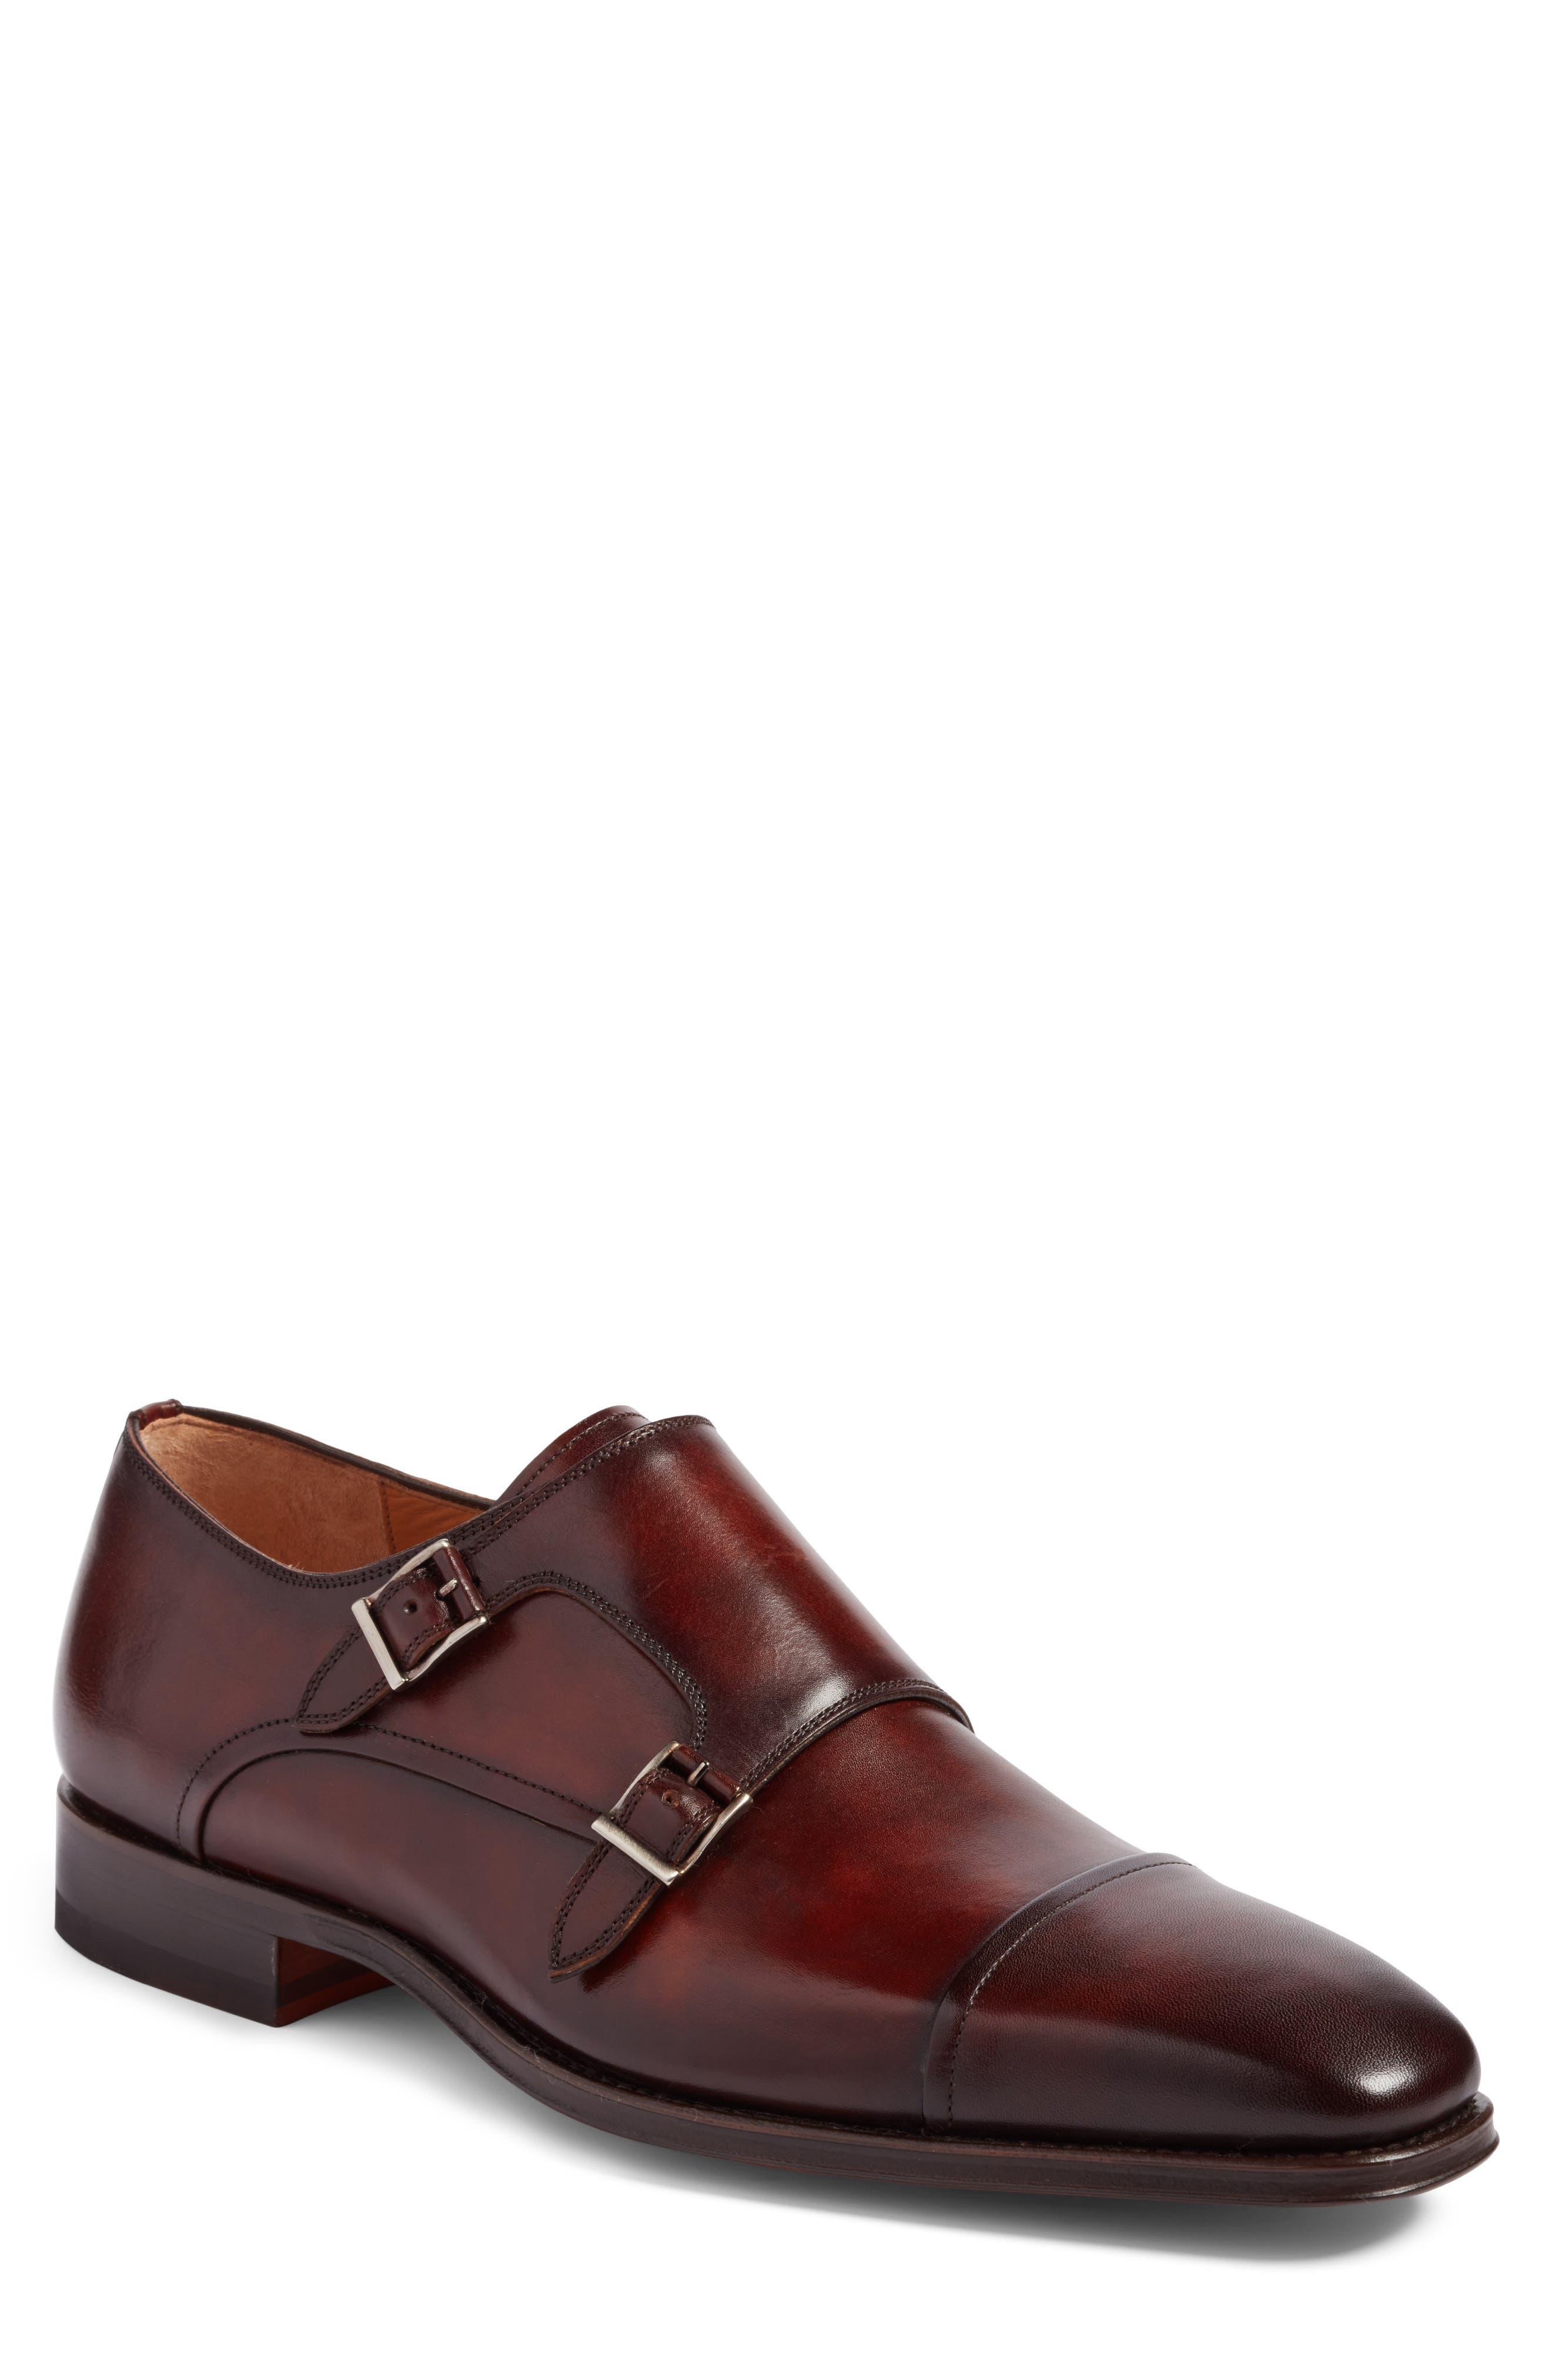 Silvio Double Monk Strap Shoe,                         Main,                         color, TOBACCO LEATHER